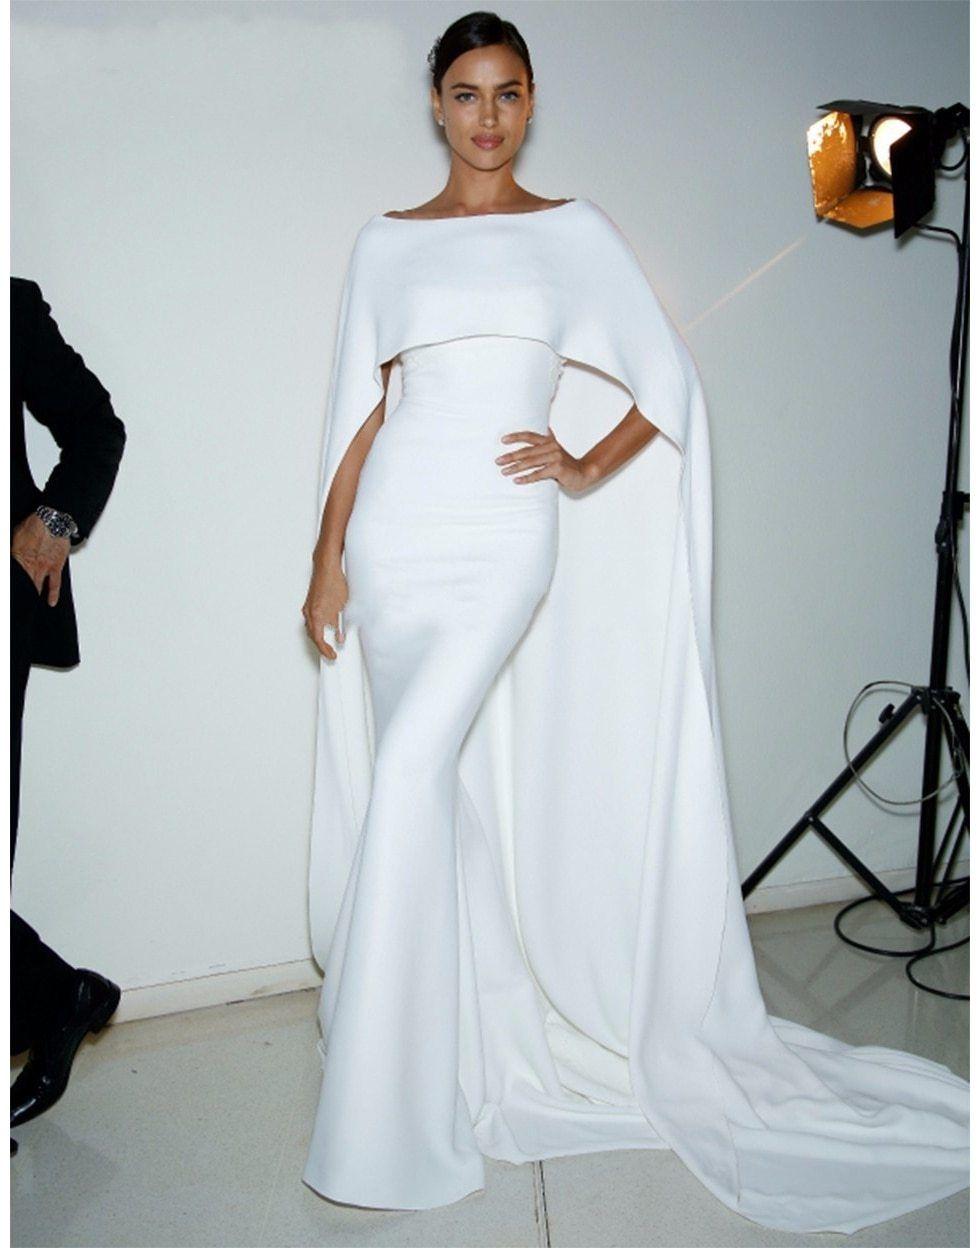 on sale c4560 aad9d Semplici abiti da sera bianchi lunghi 2019 con scollatura a scialle Abiti  su misura personalizzati per abiti sudafricani Elegante Robe de soiree